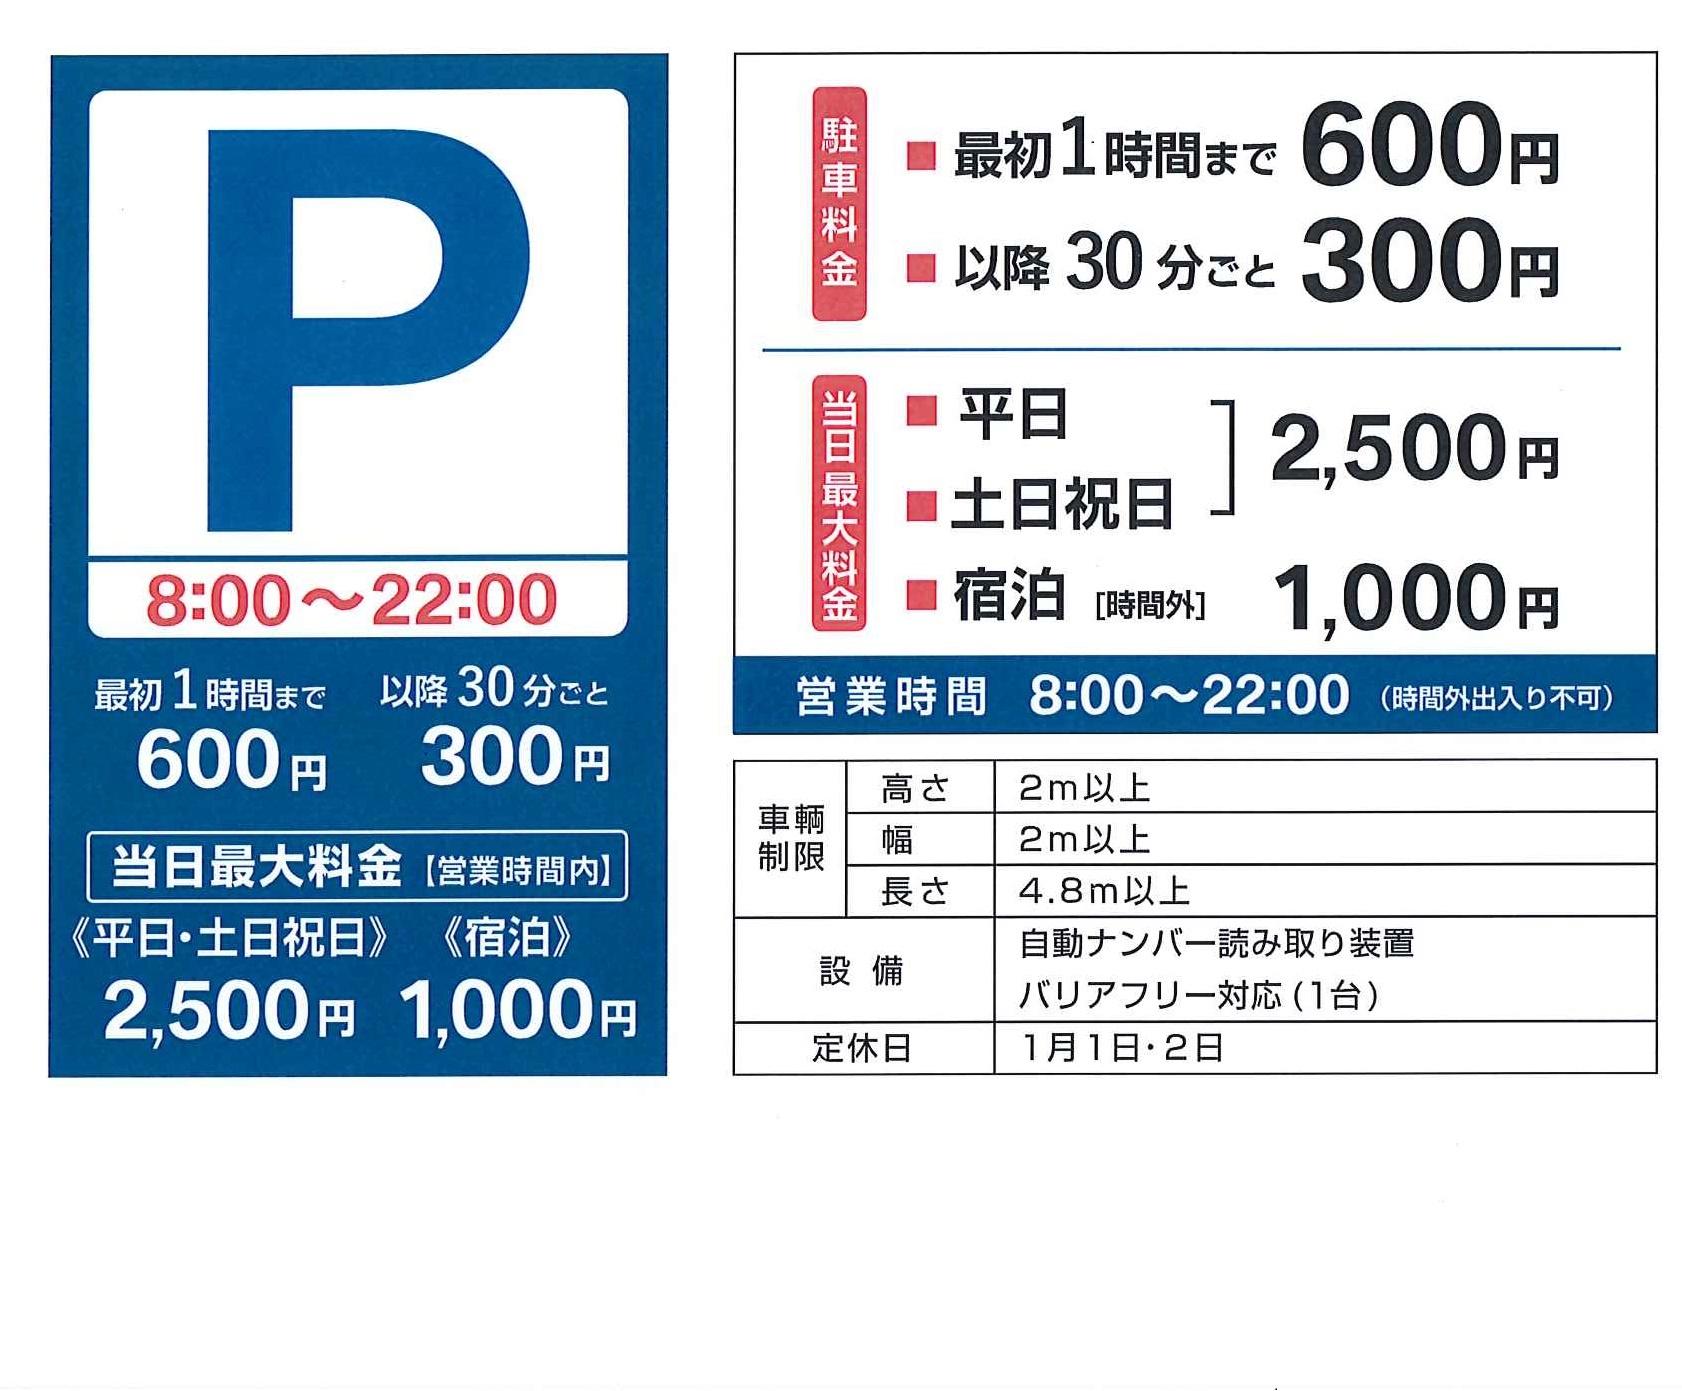 駐車料金について